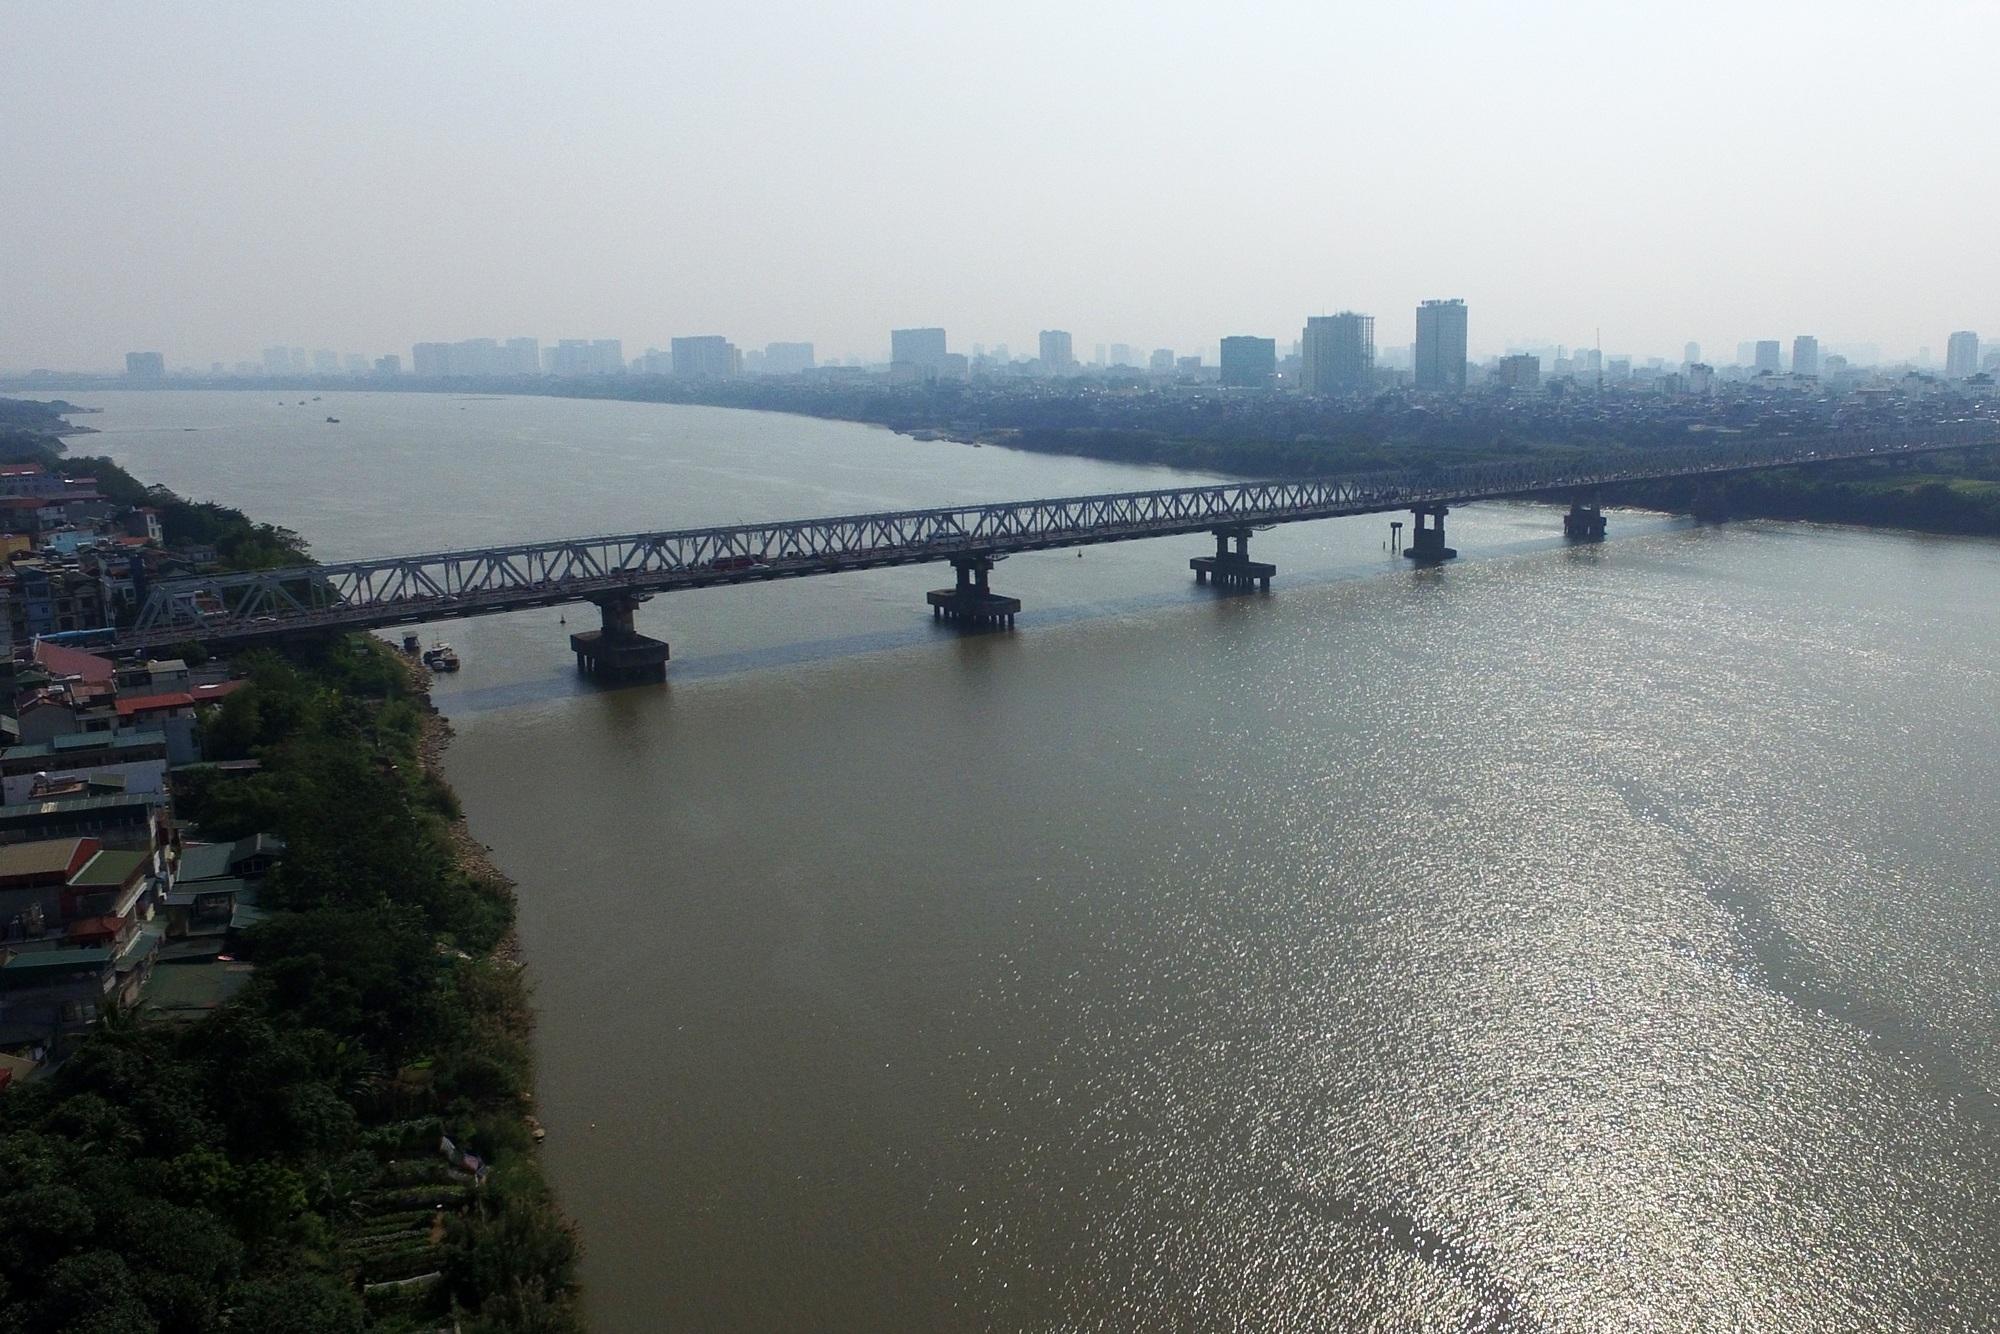 Toàn cảnh 6 cây cầu huyết mạch bắc qua sông Hồng - 6